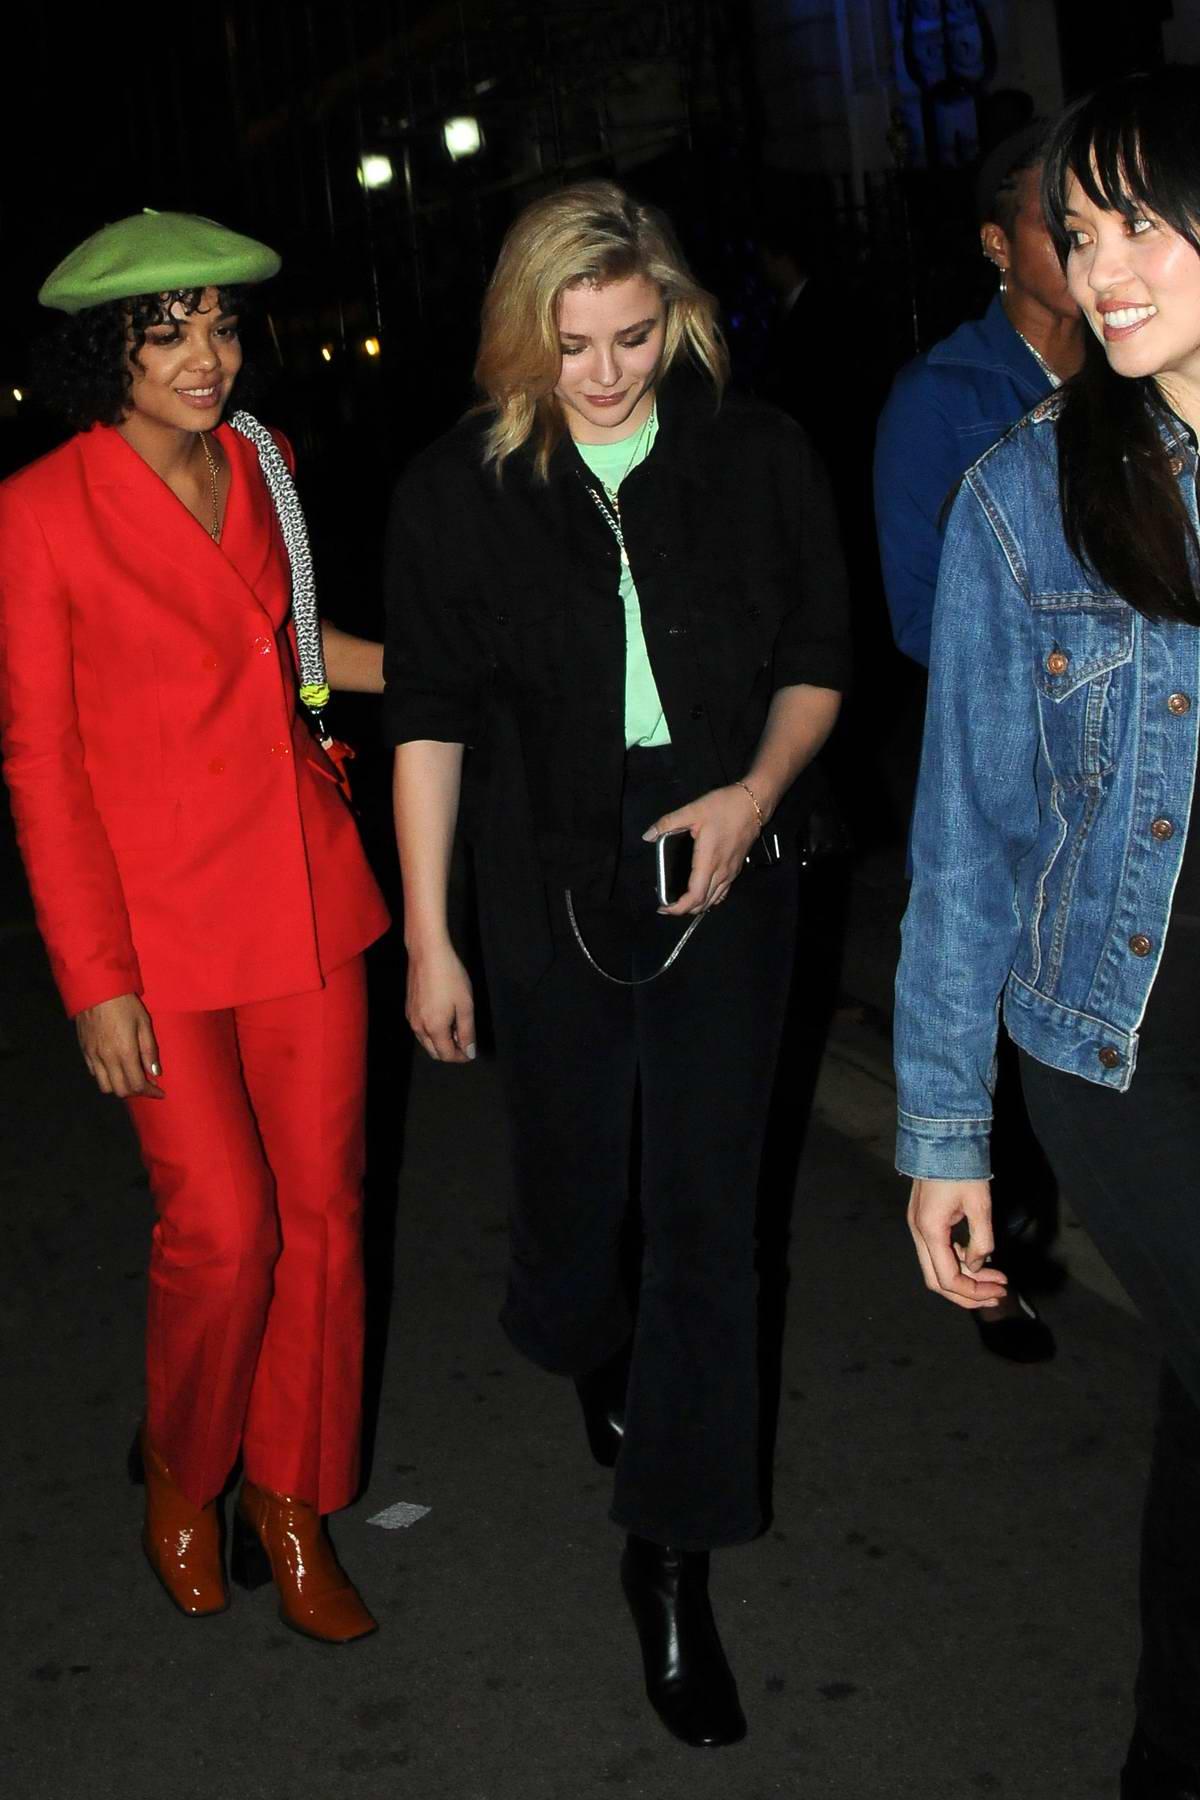 Chloe Grace Moretz leaves Annabel's Private Members Club in London, UK